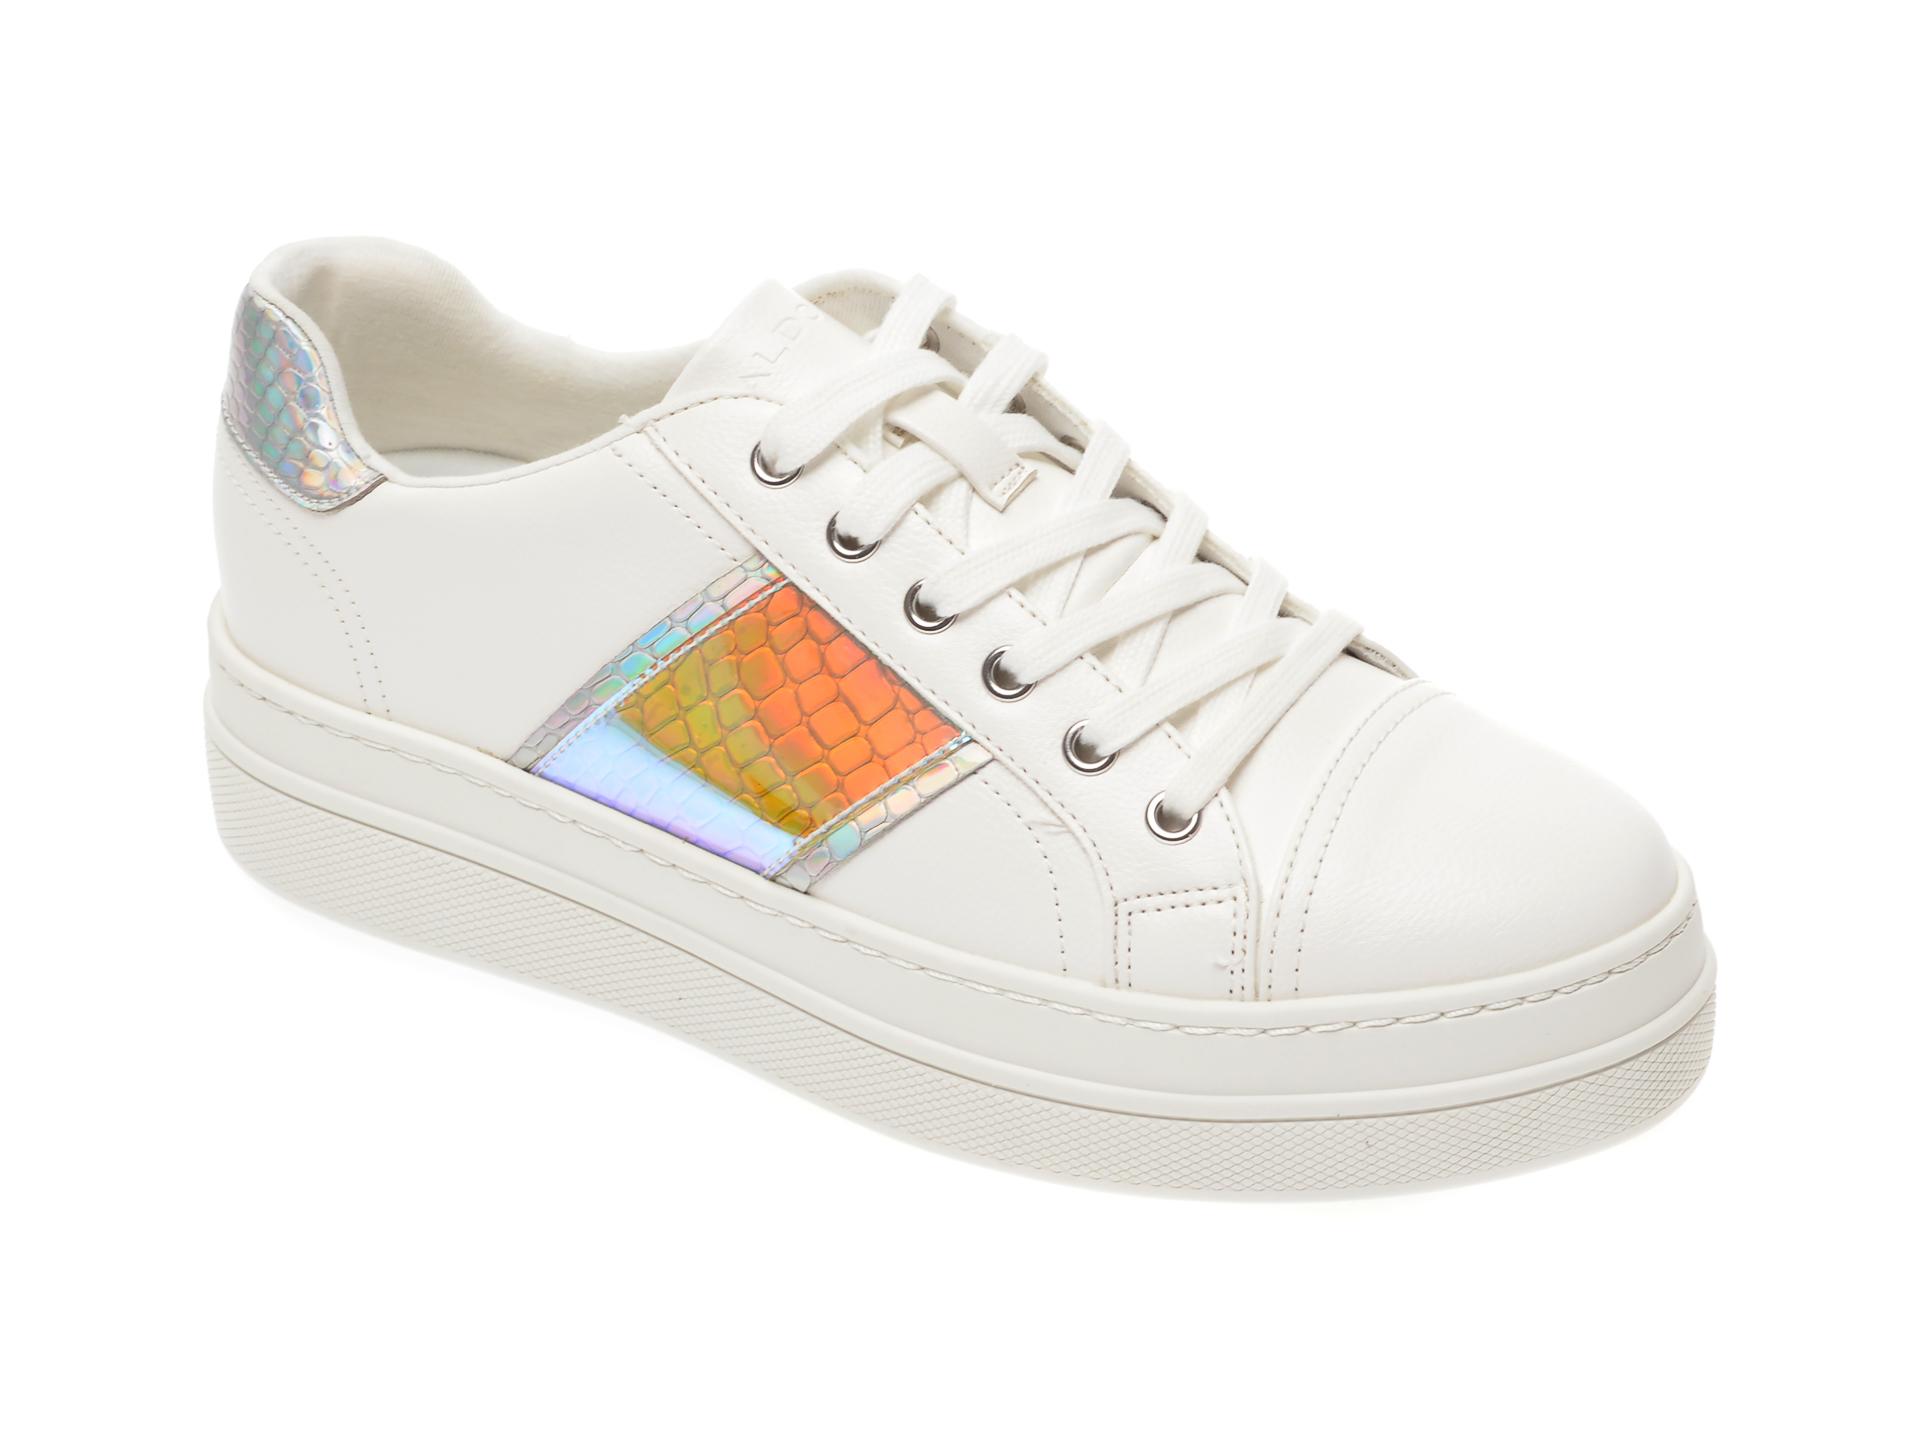 Pantofi sport ALDO argintii, Starburst962, din piele ecologica